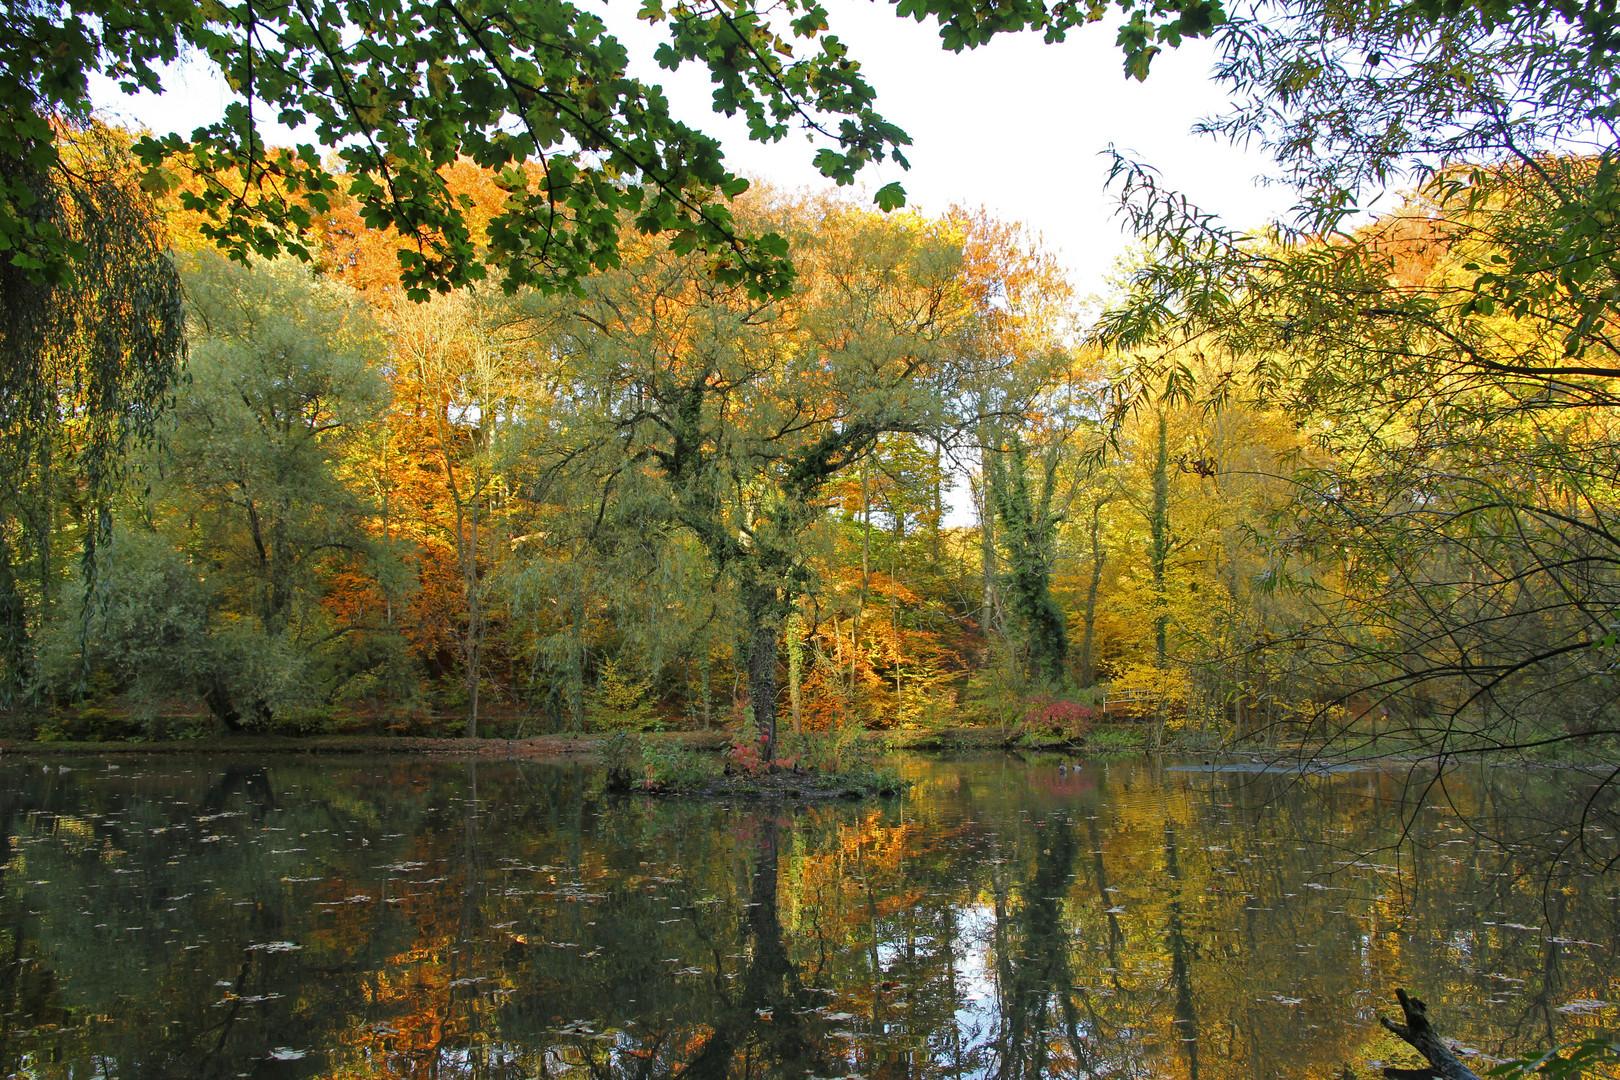 Herbstfarben an der Auermühle in Ratingen